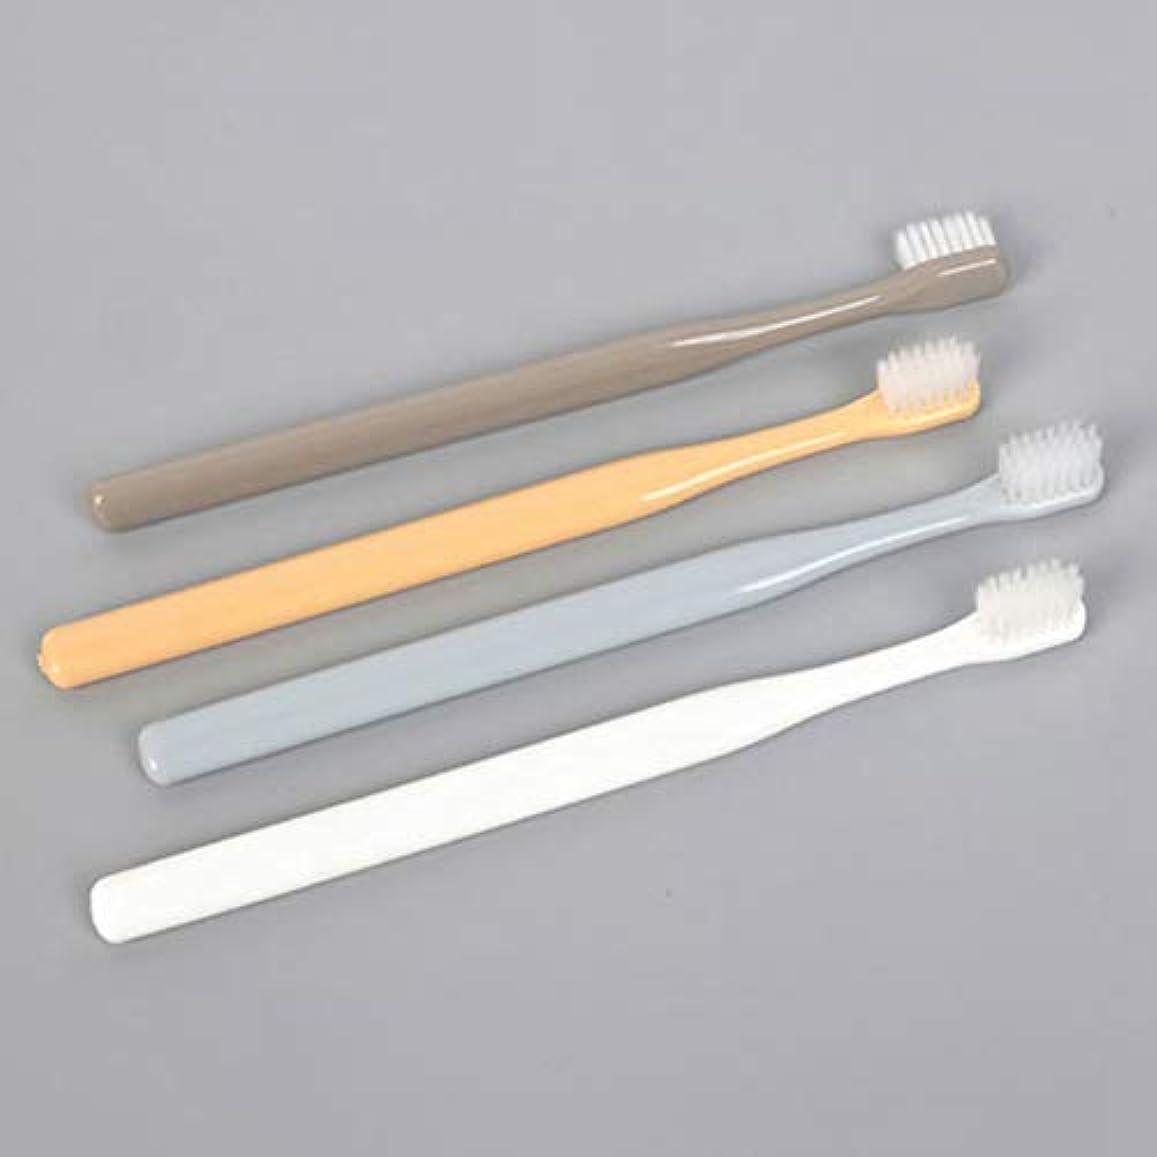 ピアペルセウス強盗EVA-JP 歯ブラシ×4本 ナノメートルブラシ 高密度 柔らかいブラシ 日本式歯ブラシ 極薄ヘッド 旅行用歯ブラシ